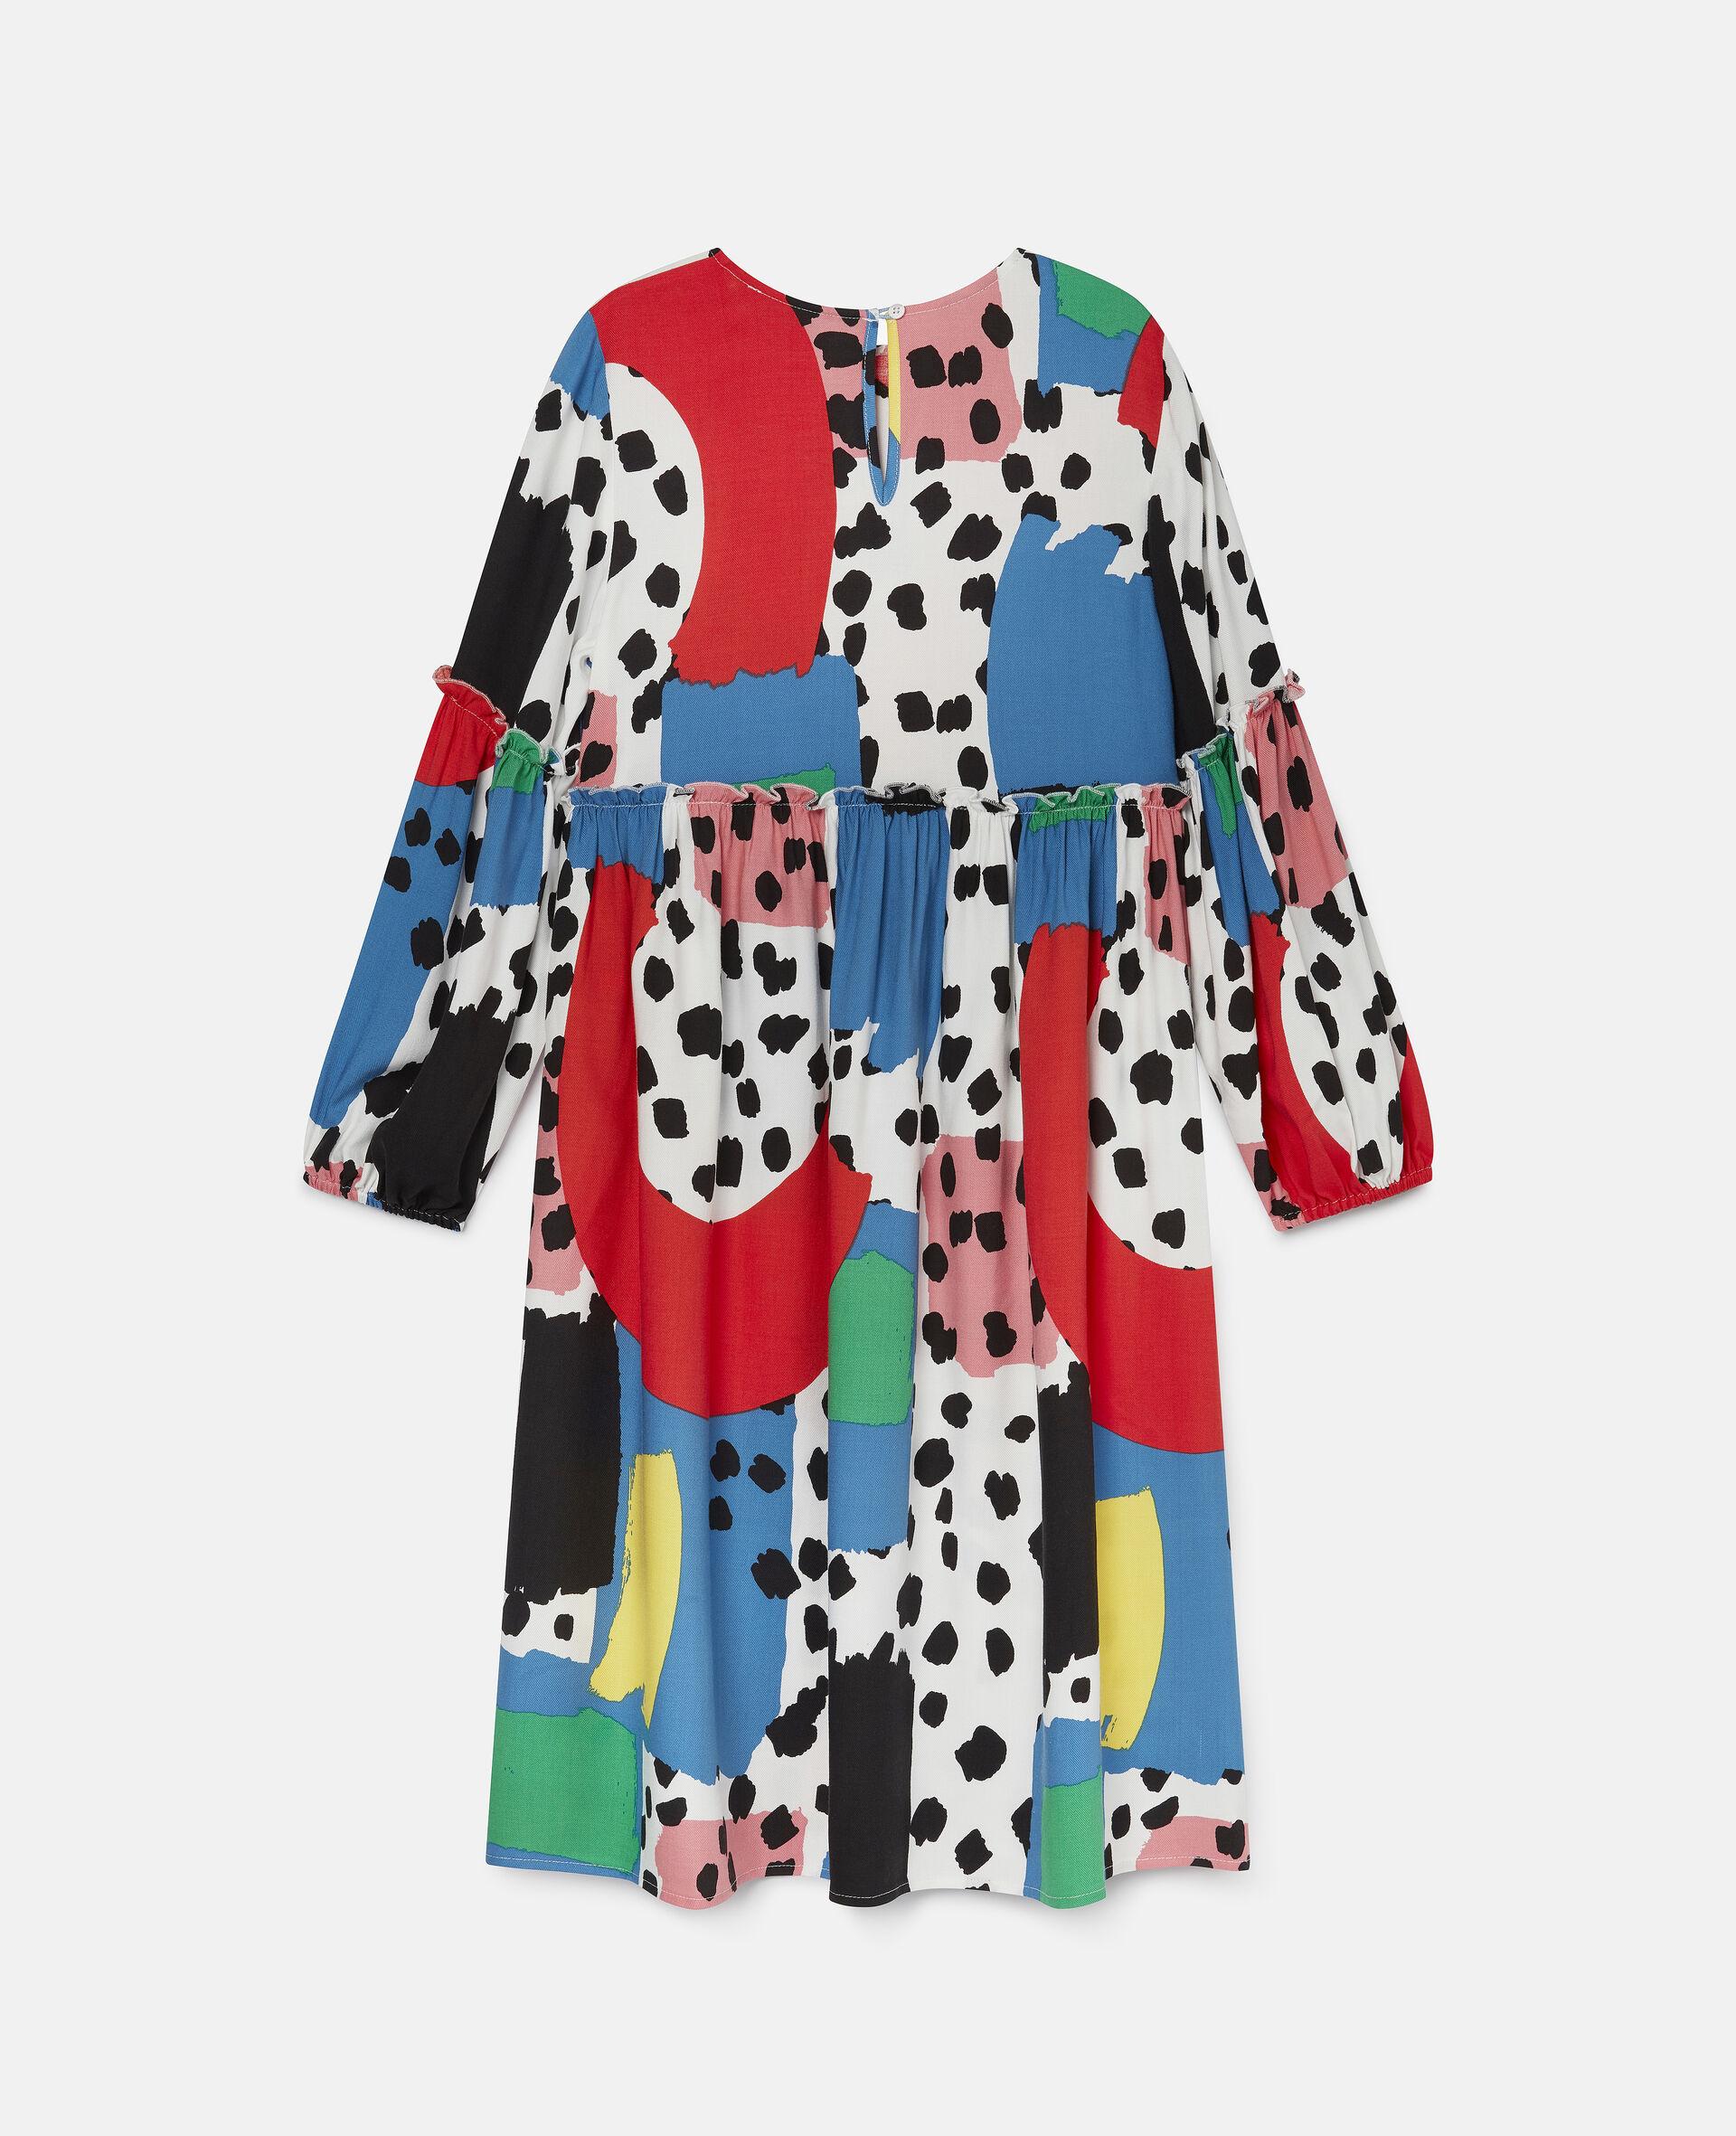 Kleid aus Twill mit Dalmatiner-Flecken-Bunt-large image number 3